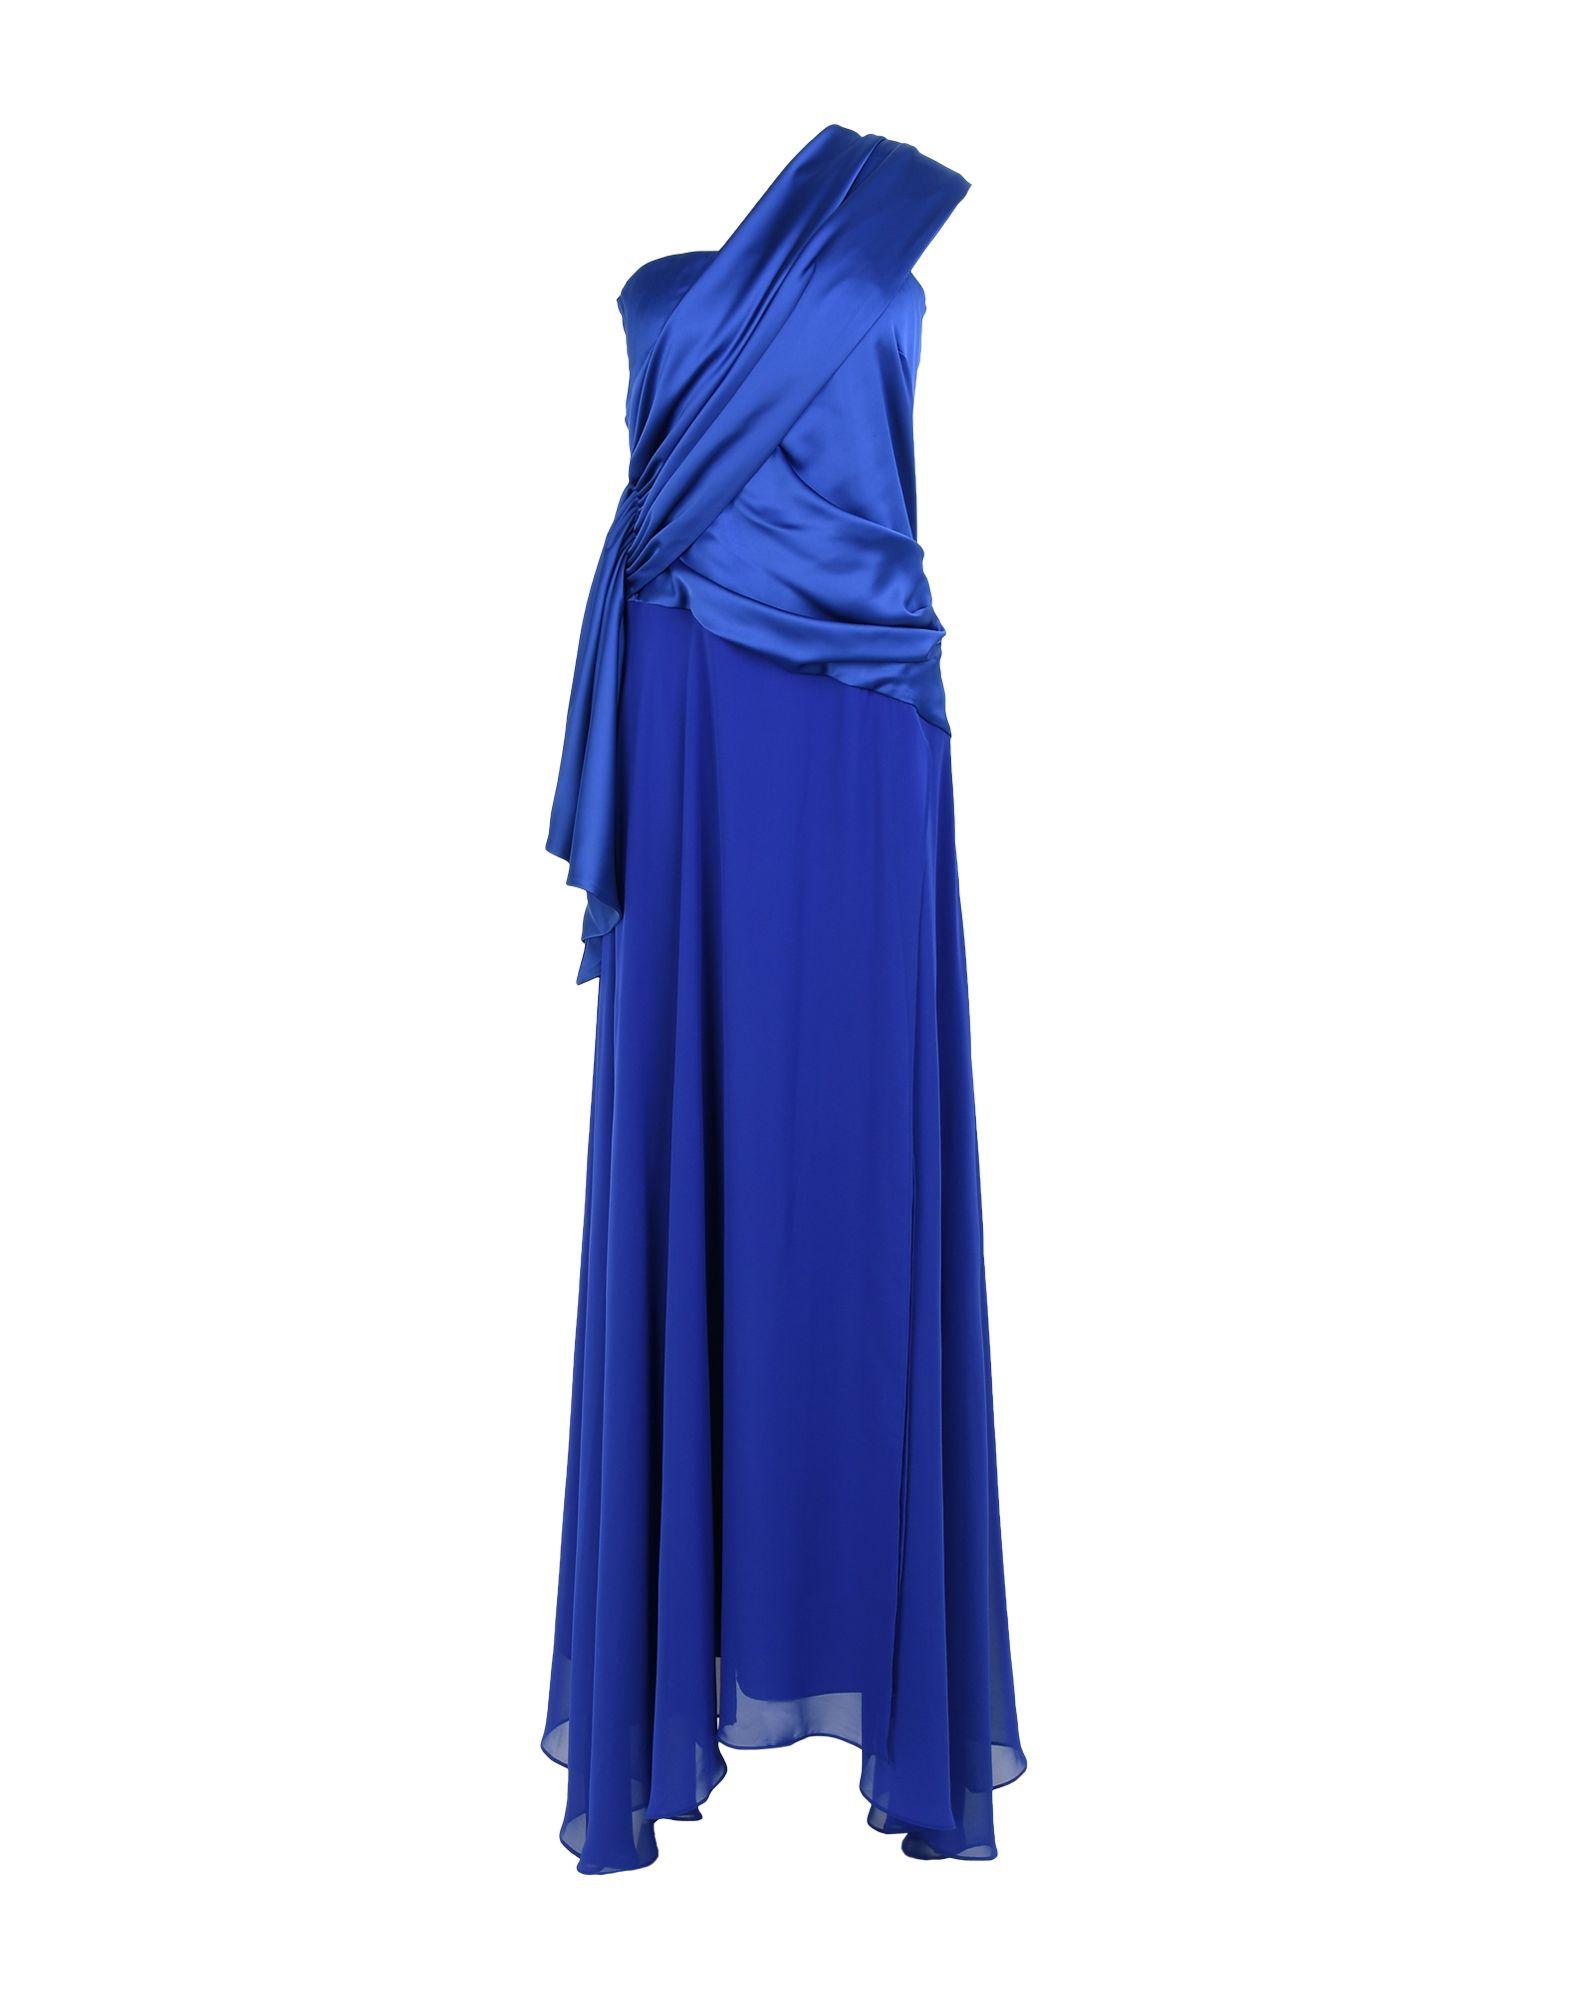 Vestito Lungo Hh Couture Donna - Acquista online su 7MmiF